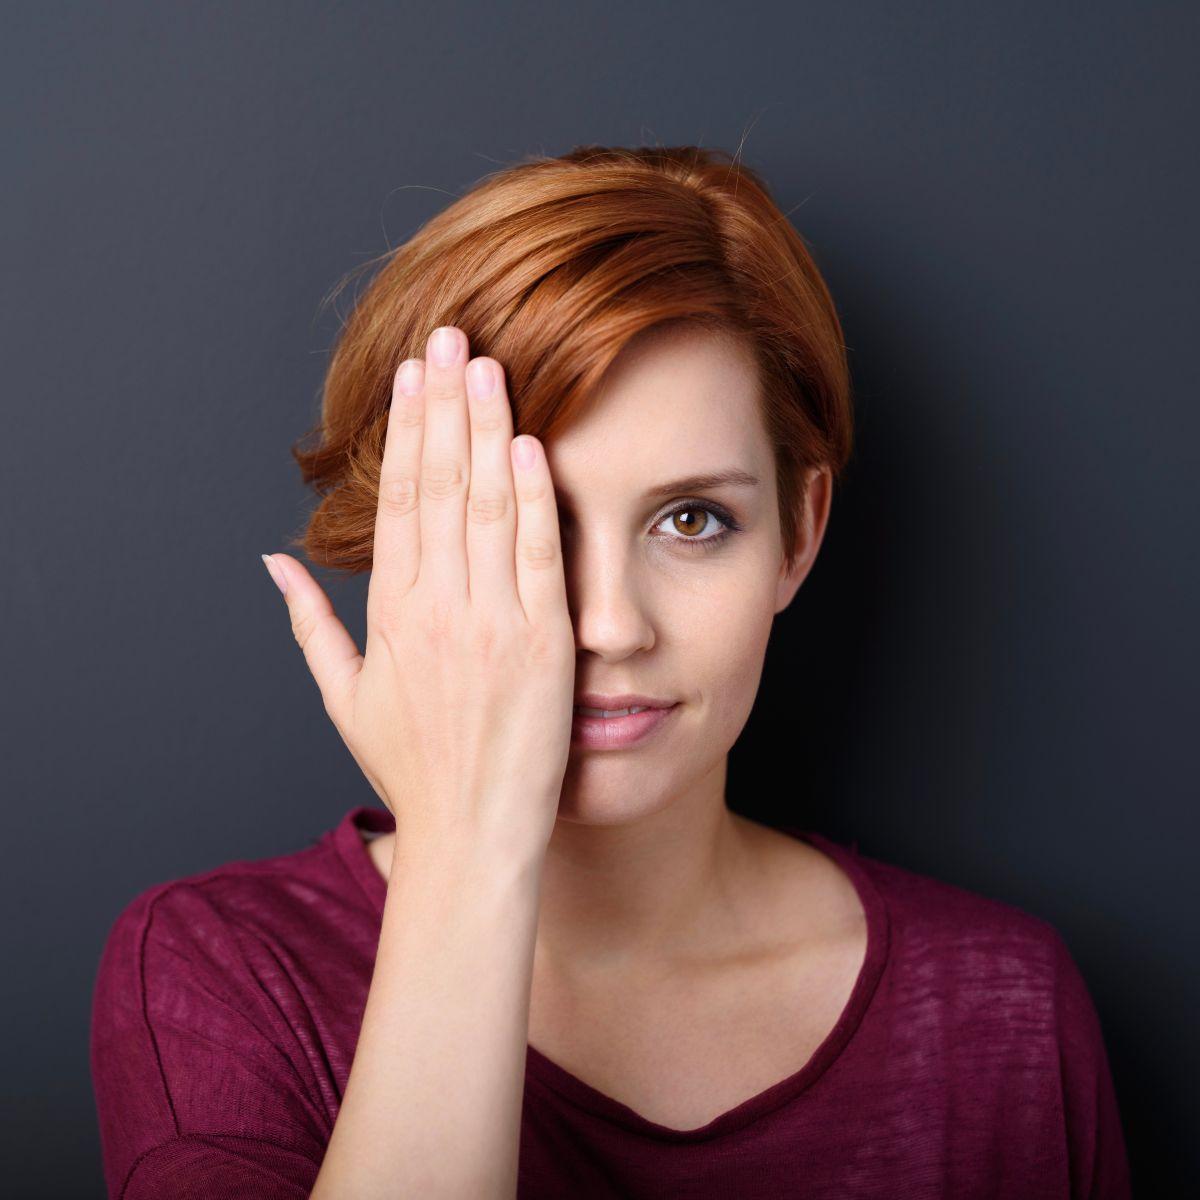 Léčba šilhání (strabismus)